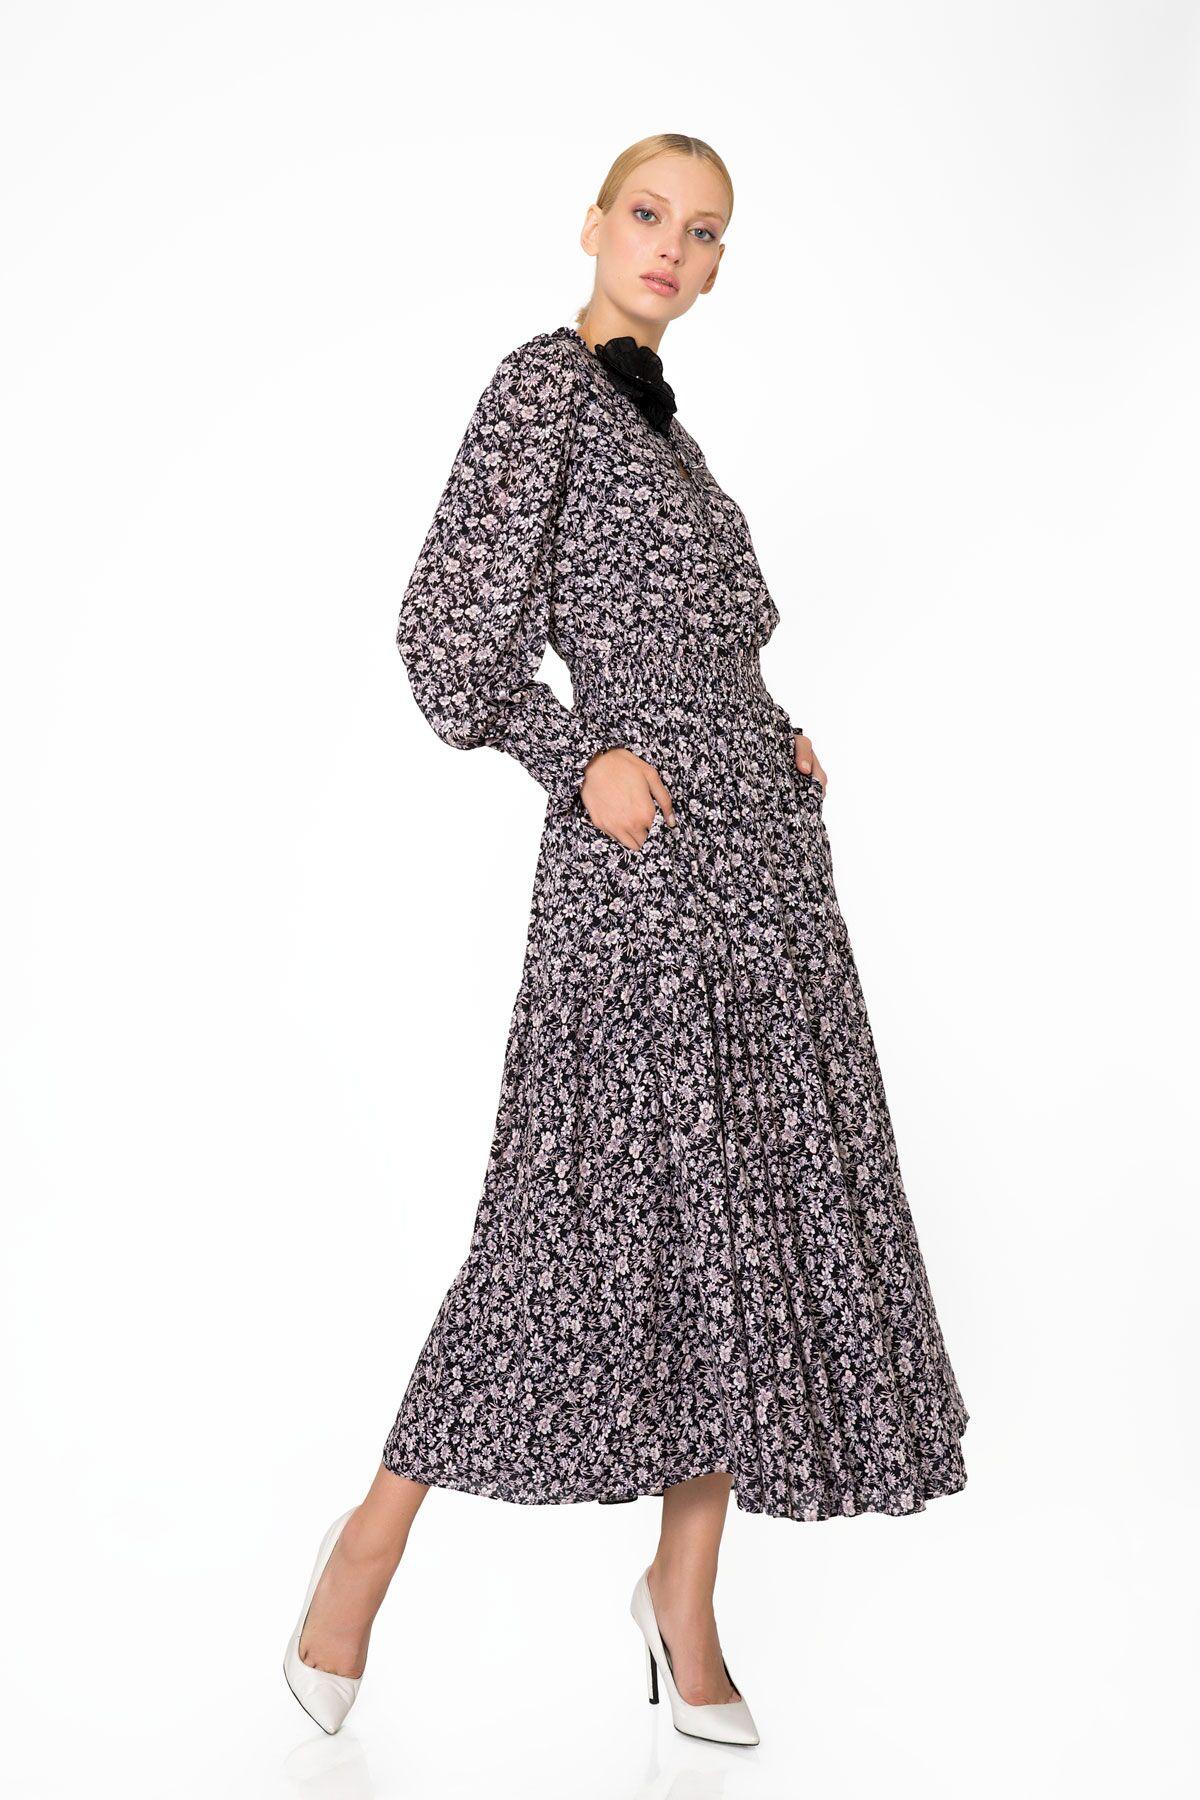 Yaka Aplike Detaylı Çiçek Desenli Cepli Uzun Elbise